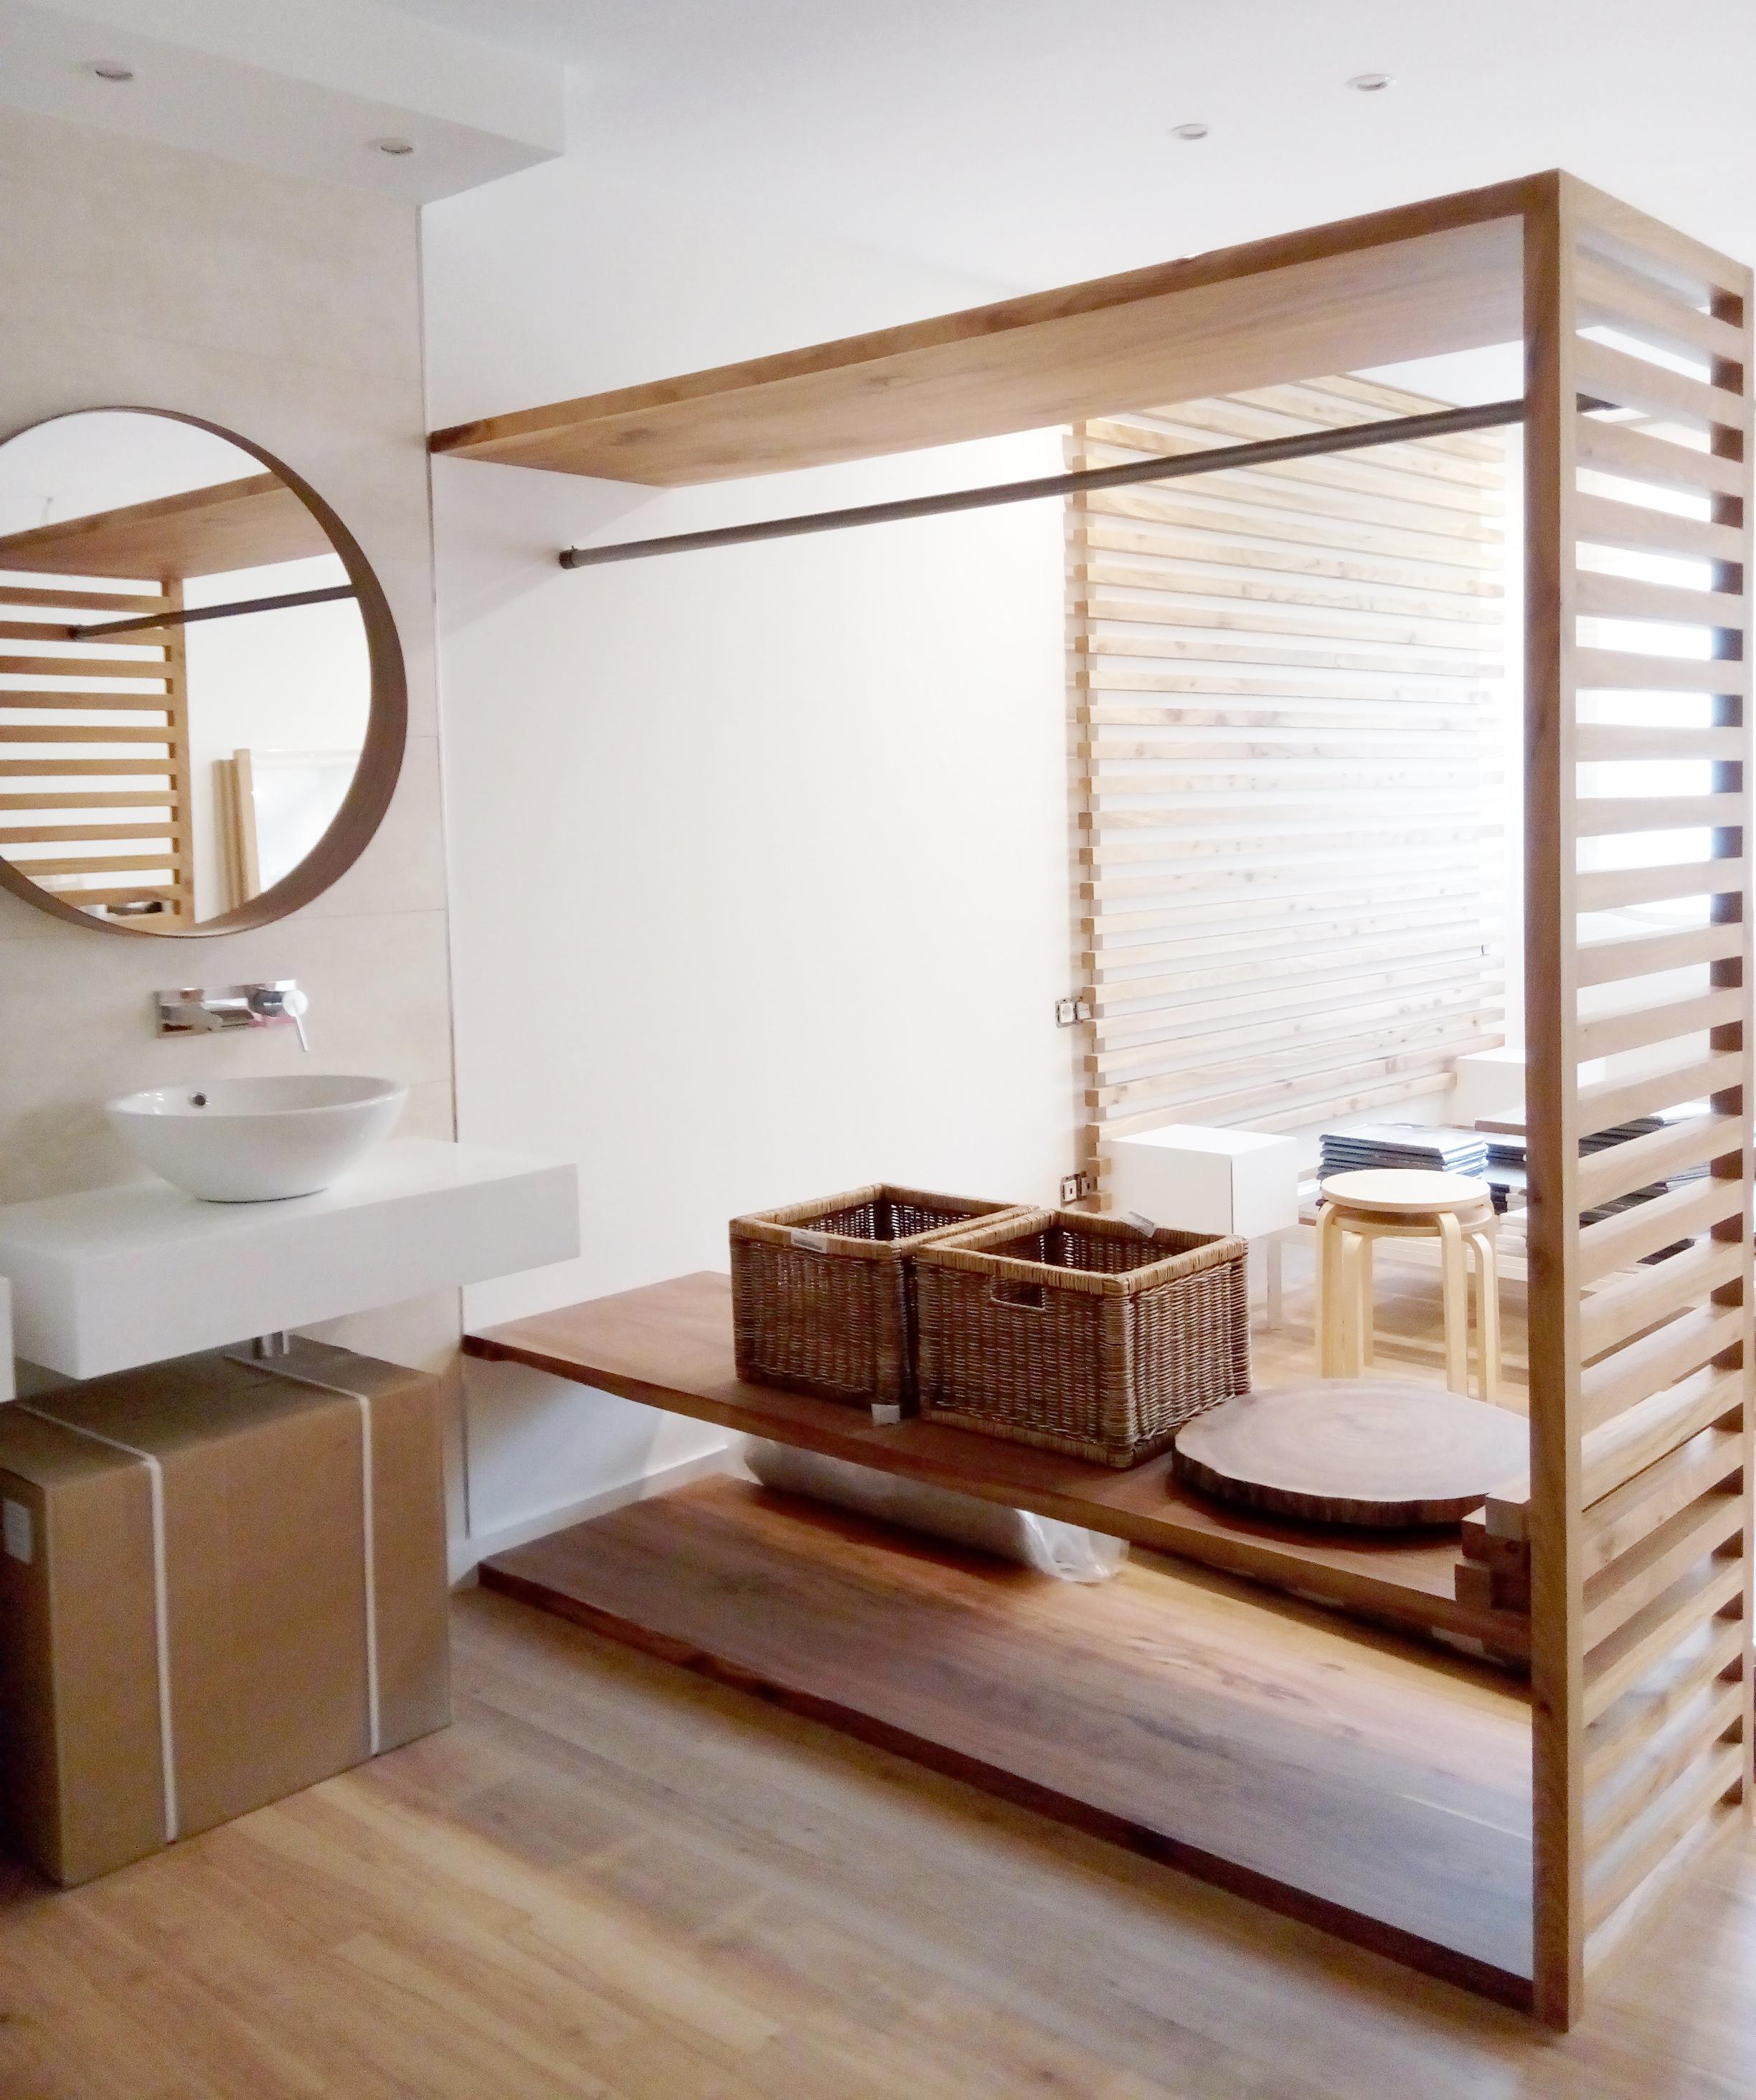 Dormitorio Con Baño En Suite Leal Interiorismo Y Diseño